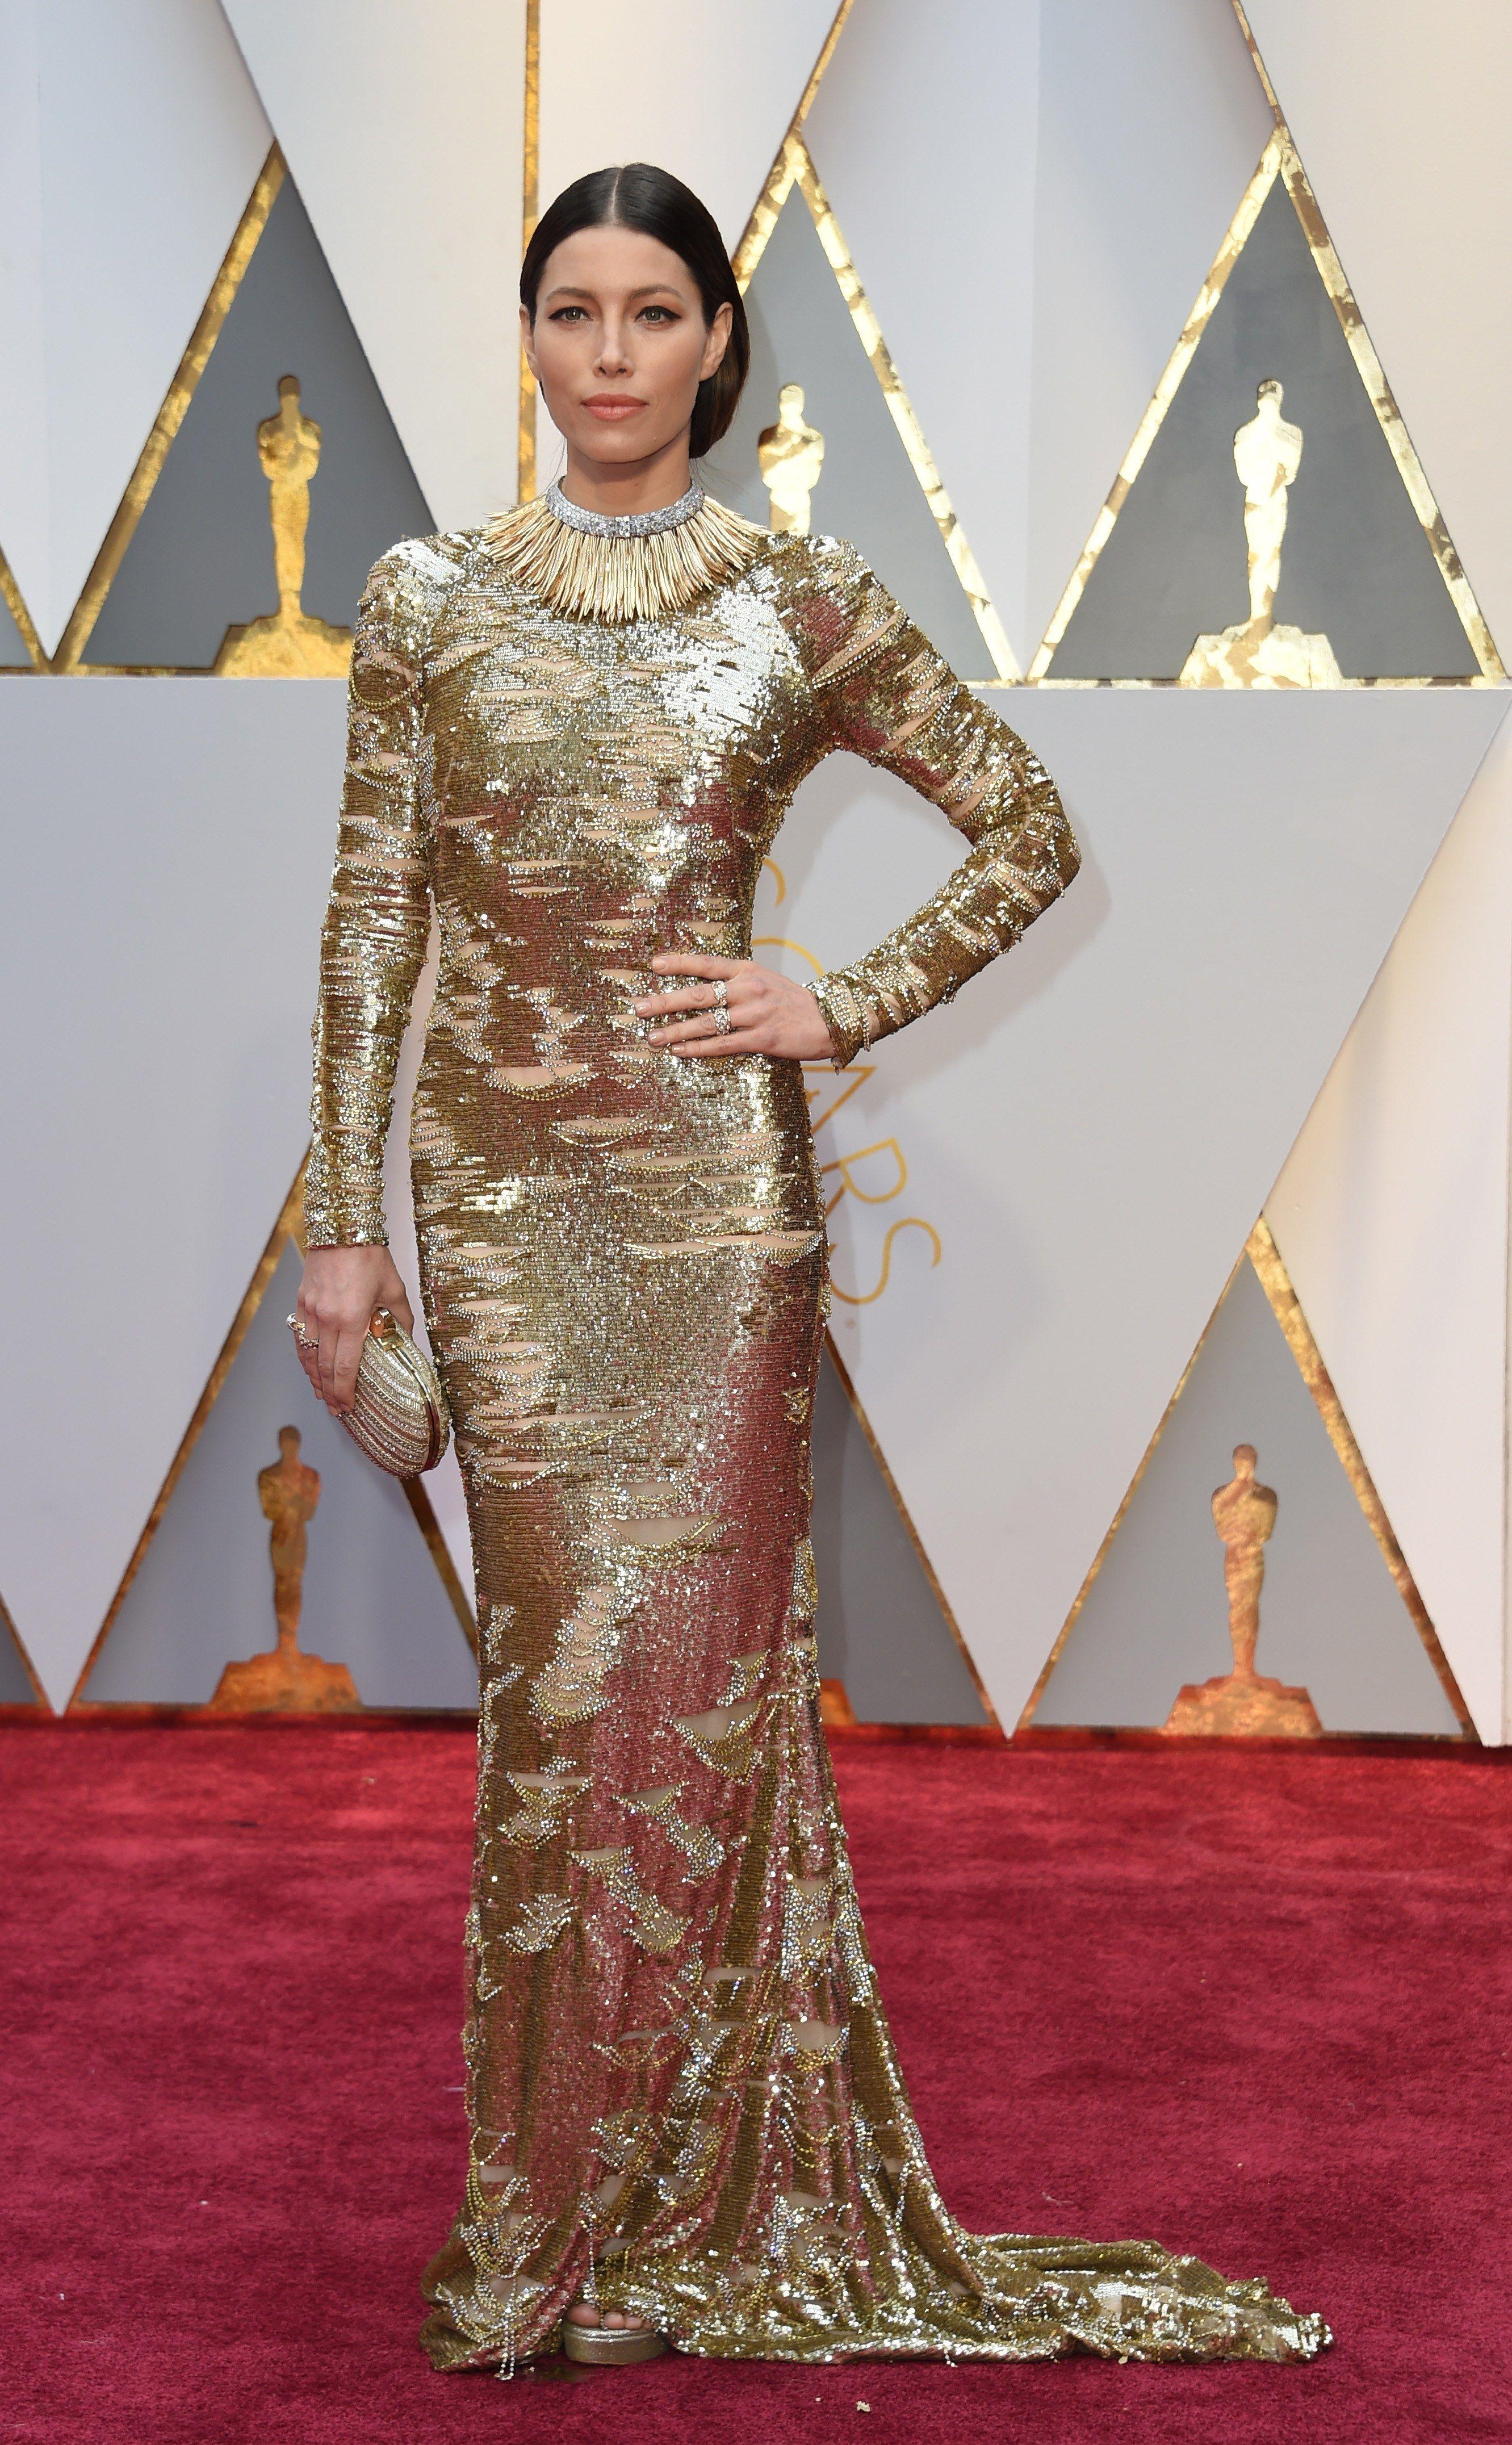 Academy Awards 2017 Red Carpet Stream